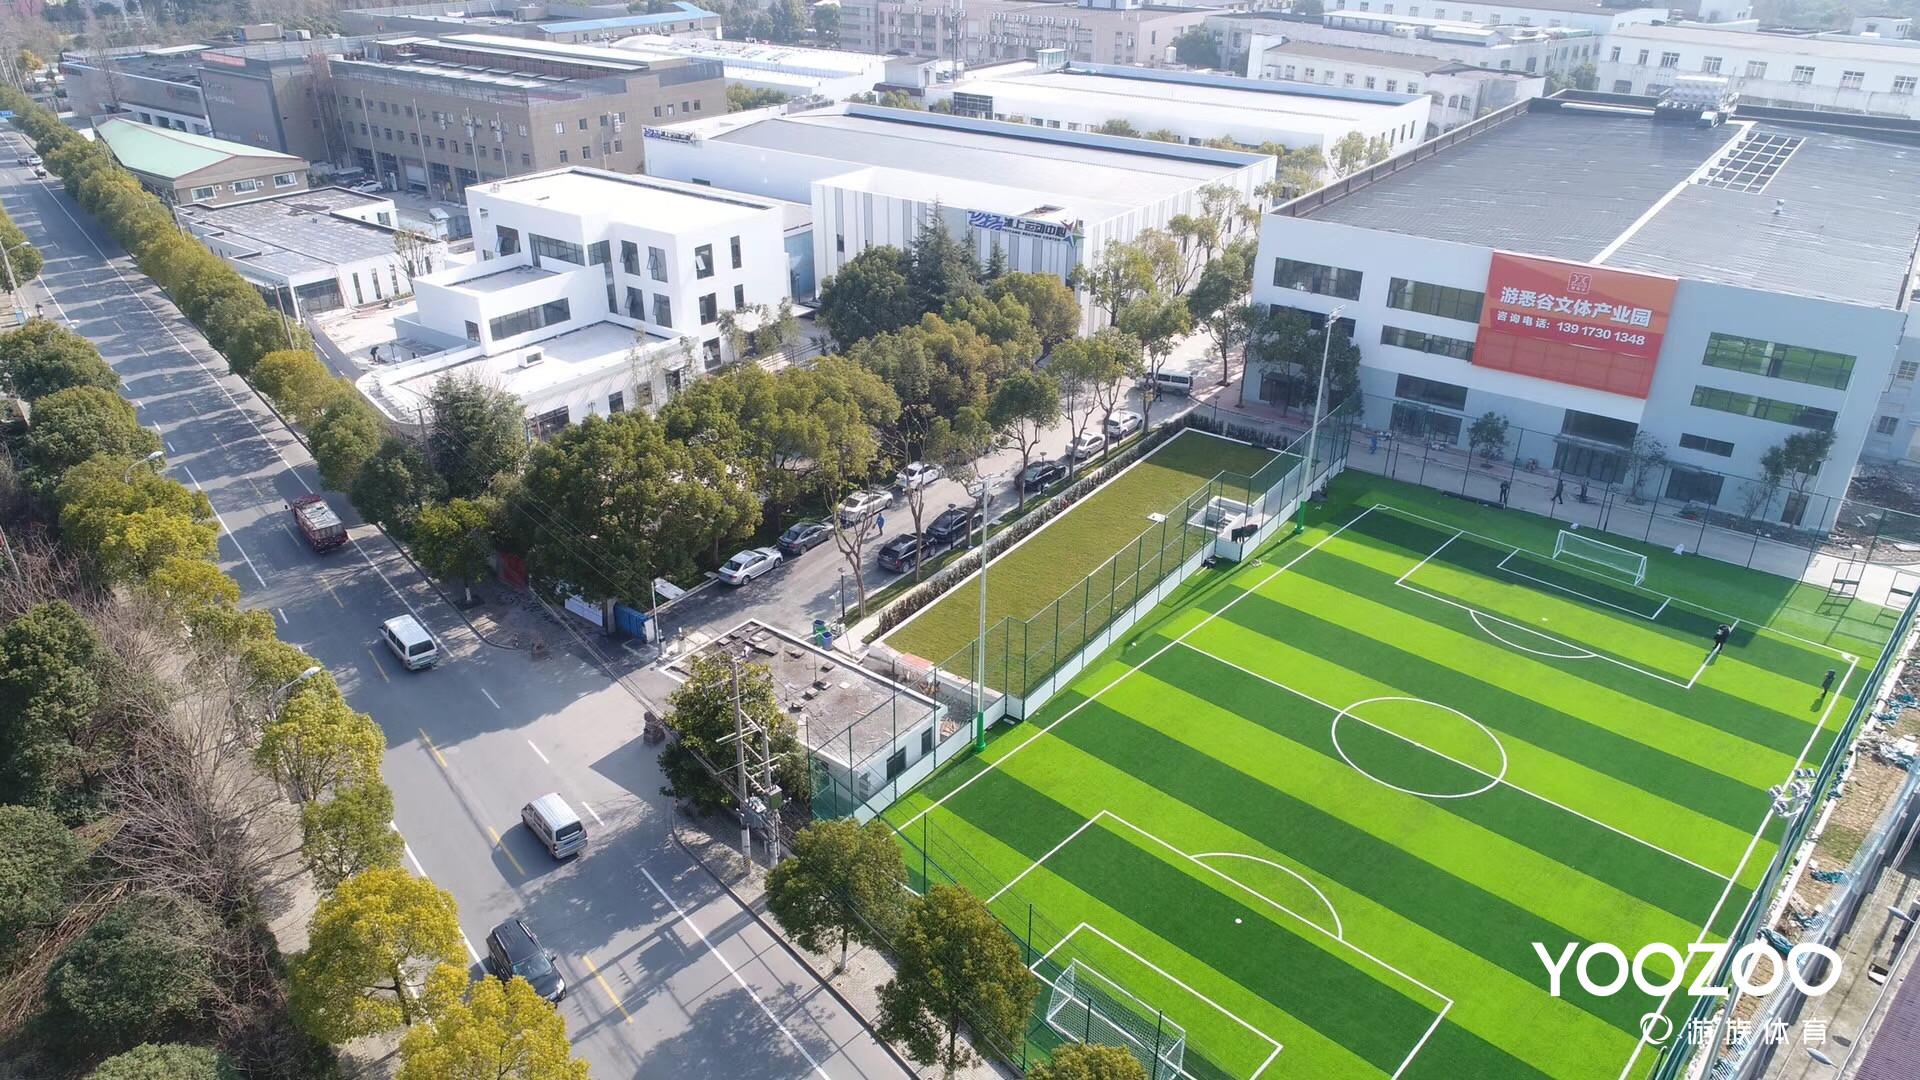 【场馆】上海游族游悉谷足球场